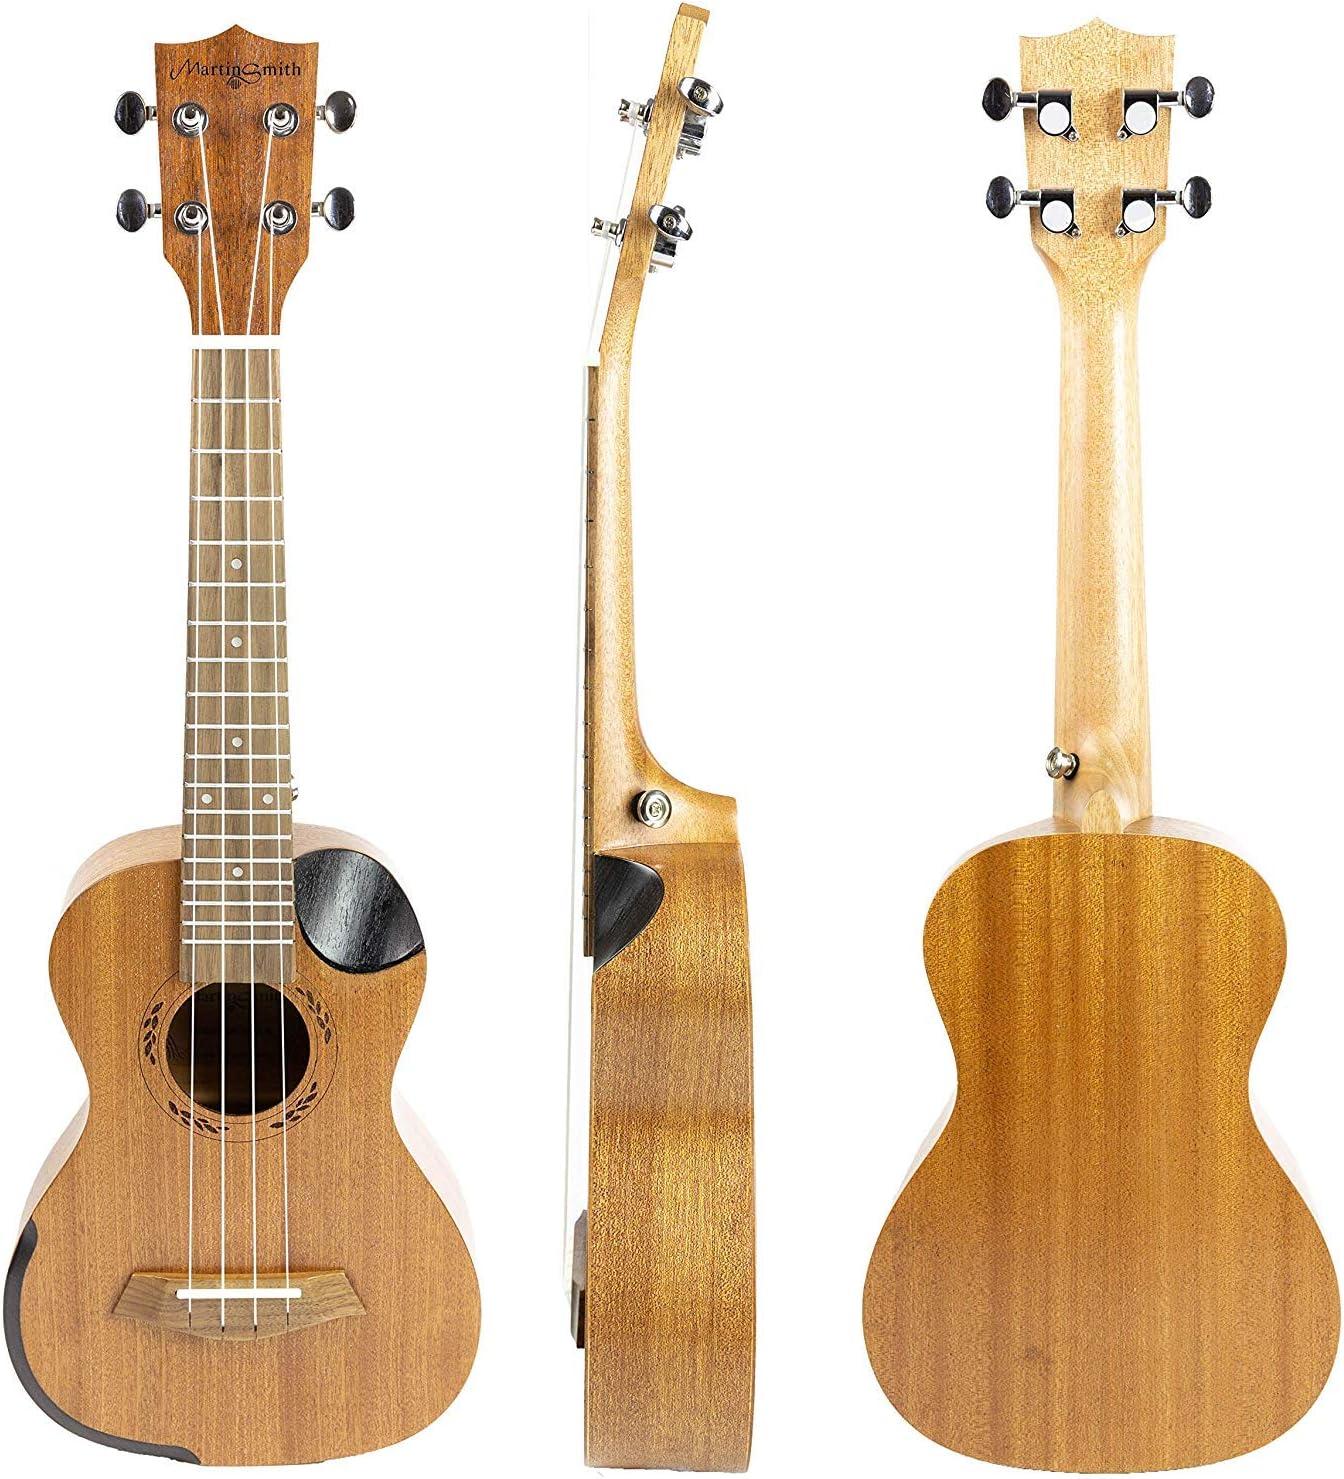 ... Tuner Martin Smith 23inch Real Sapele Wood Concert Ukulele inc Padded Case